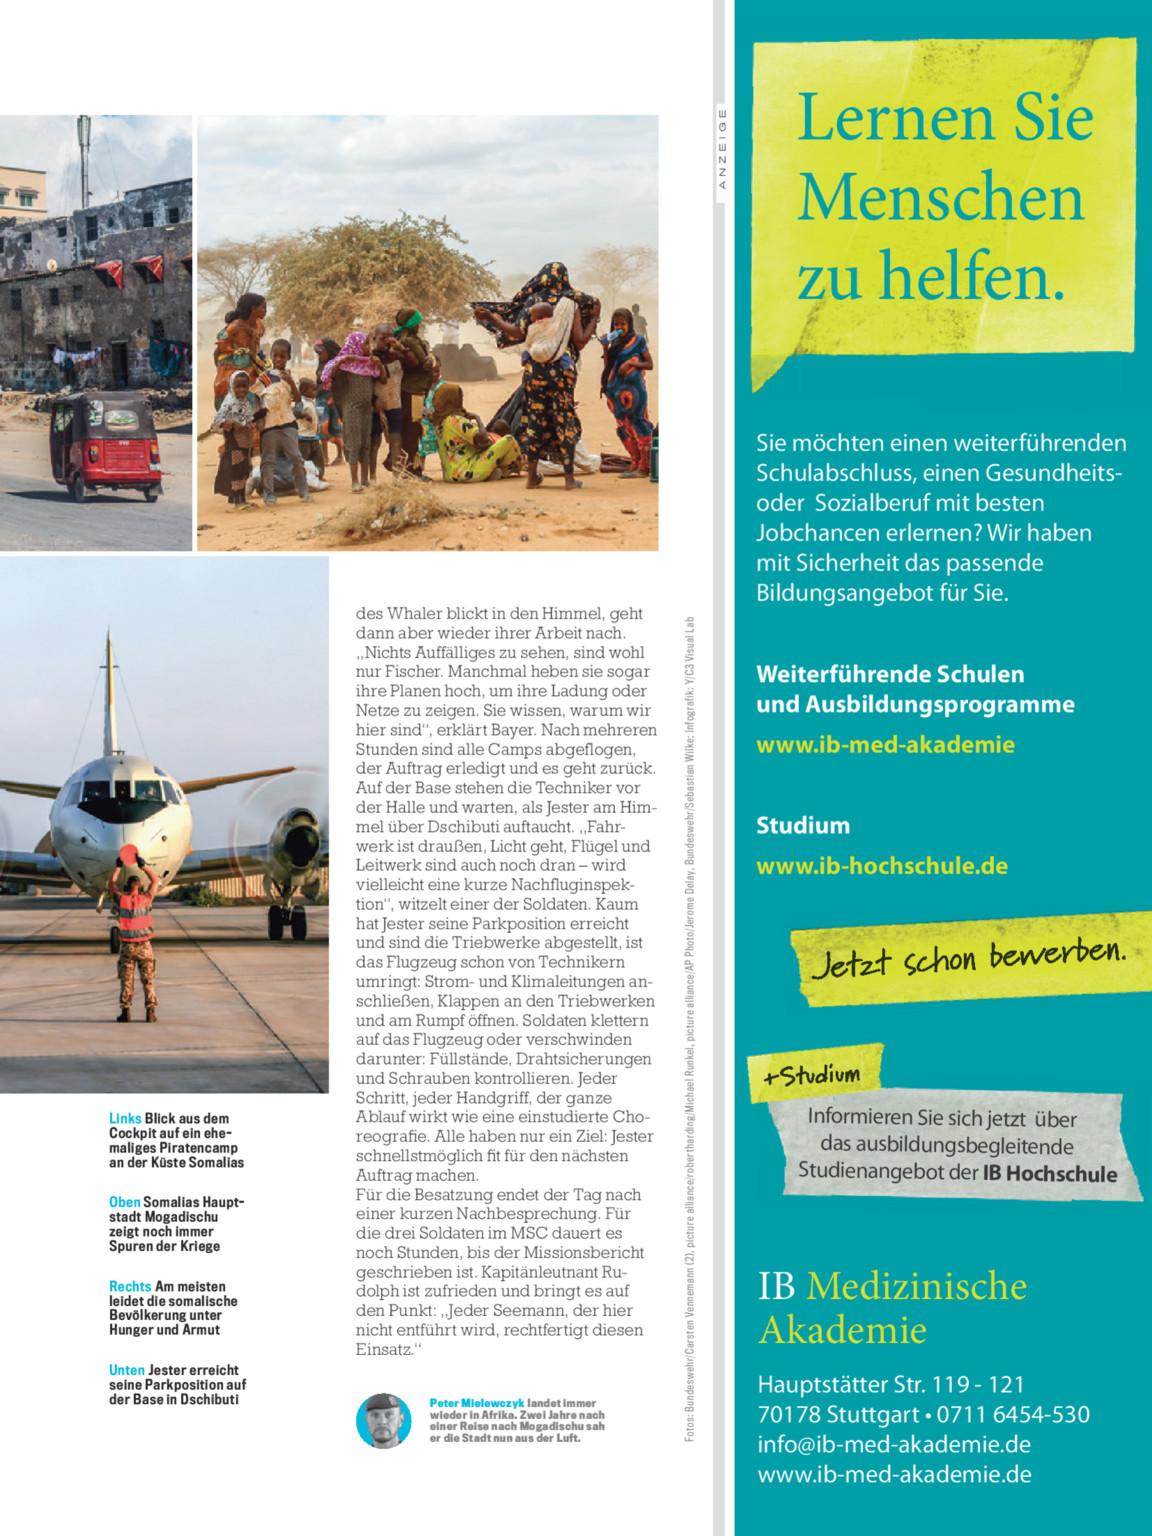 Y 122018 012019 Bundeswehr Media